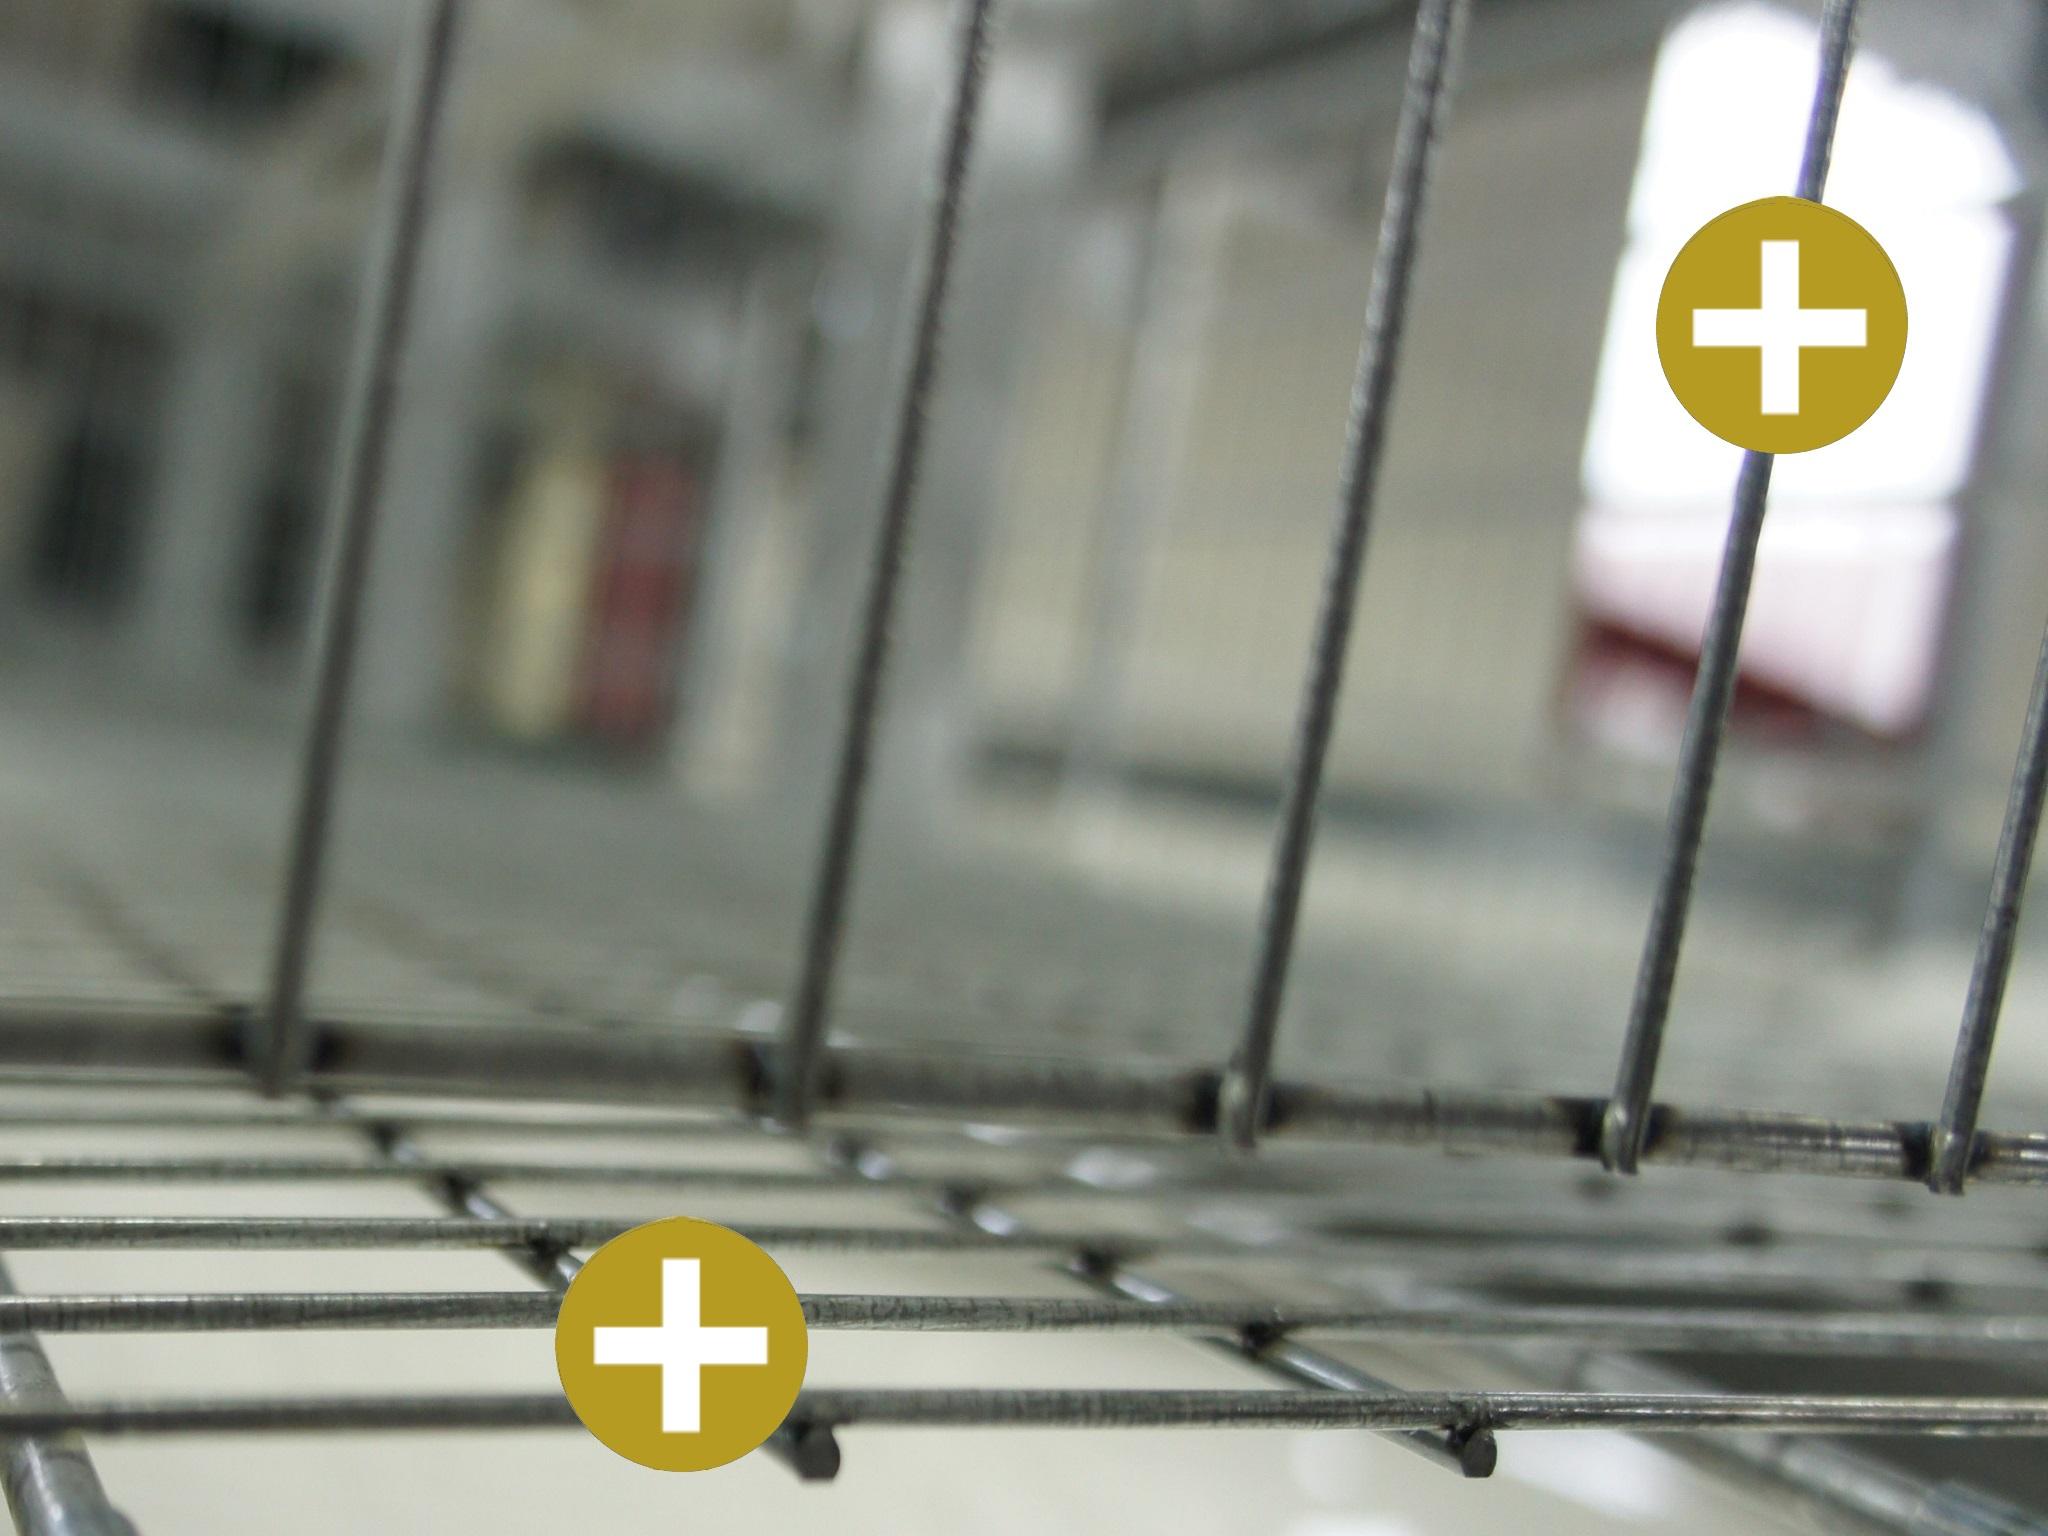 Golden Layer PRIME - 4+5 floor and cross grid